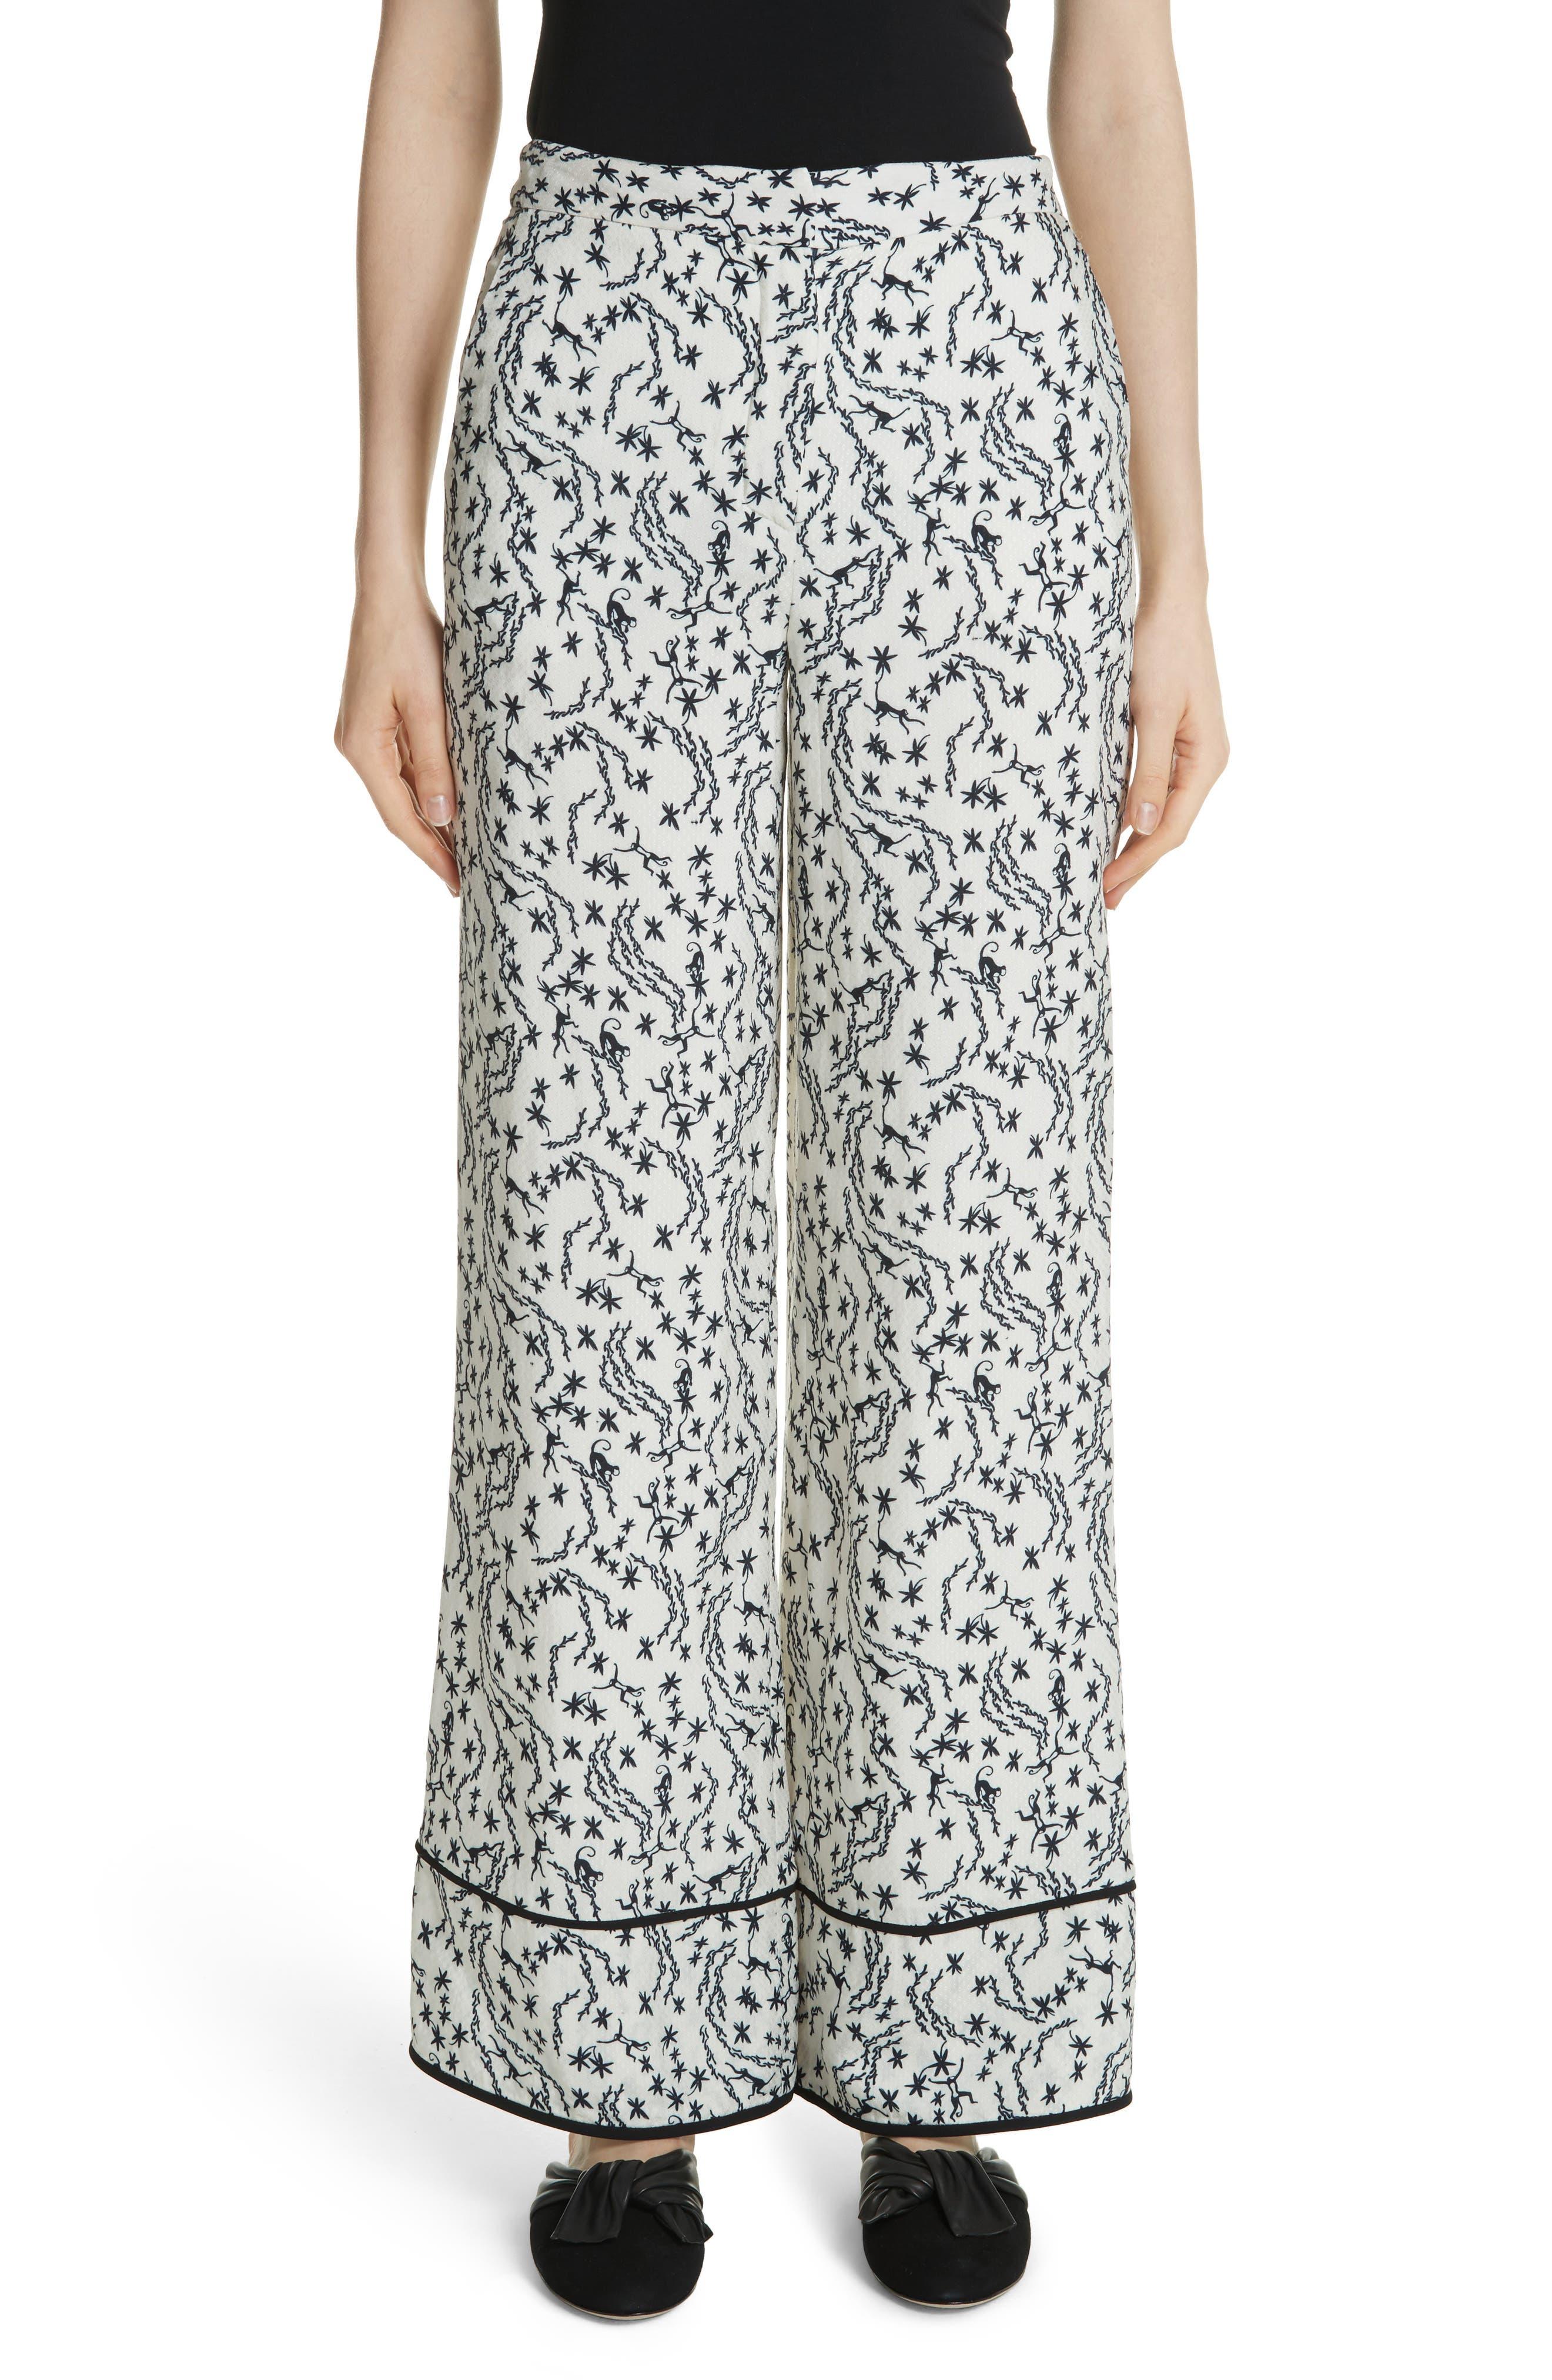 Yigal Azrouël Floral Print Wide Leg Pants